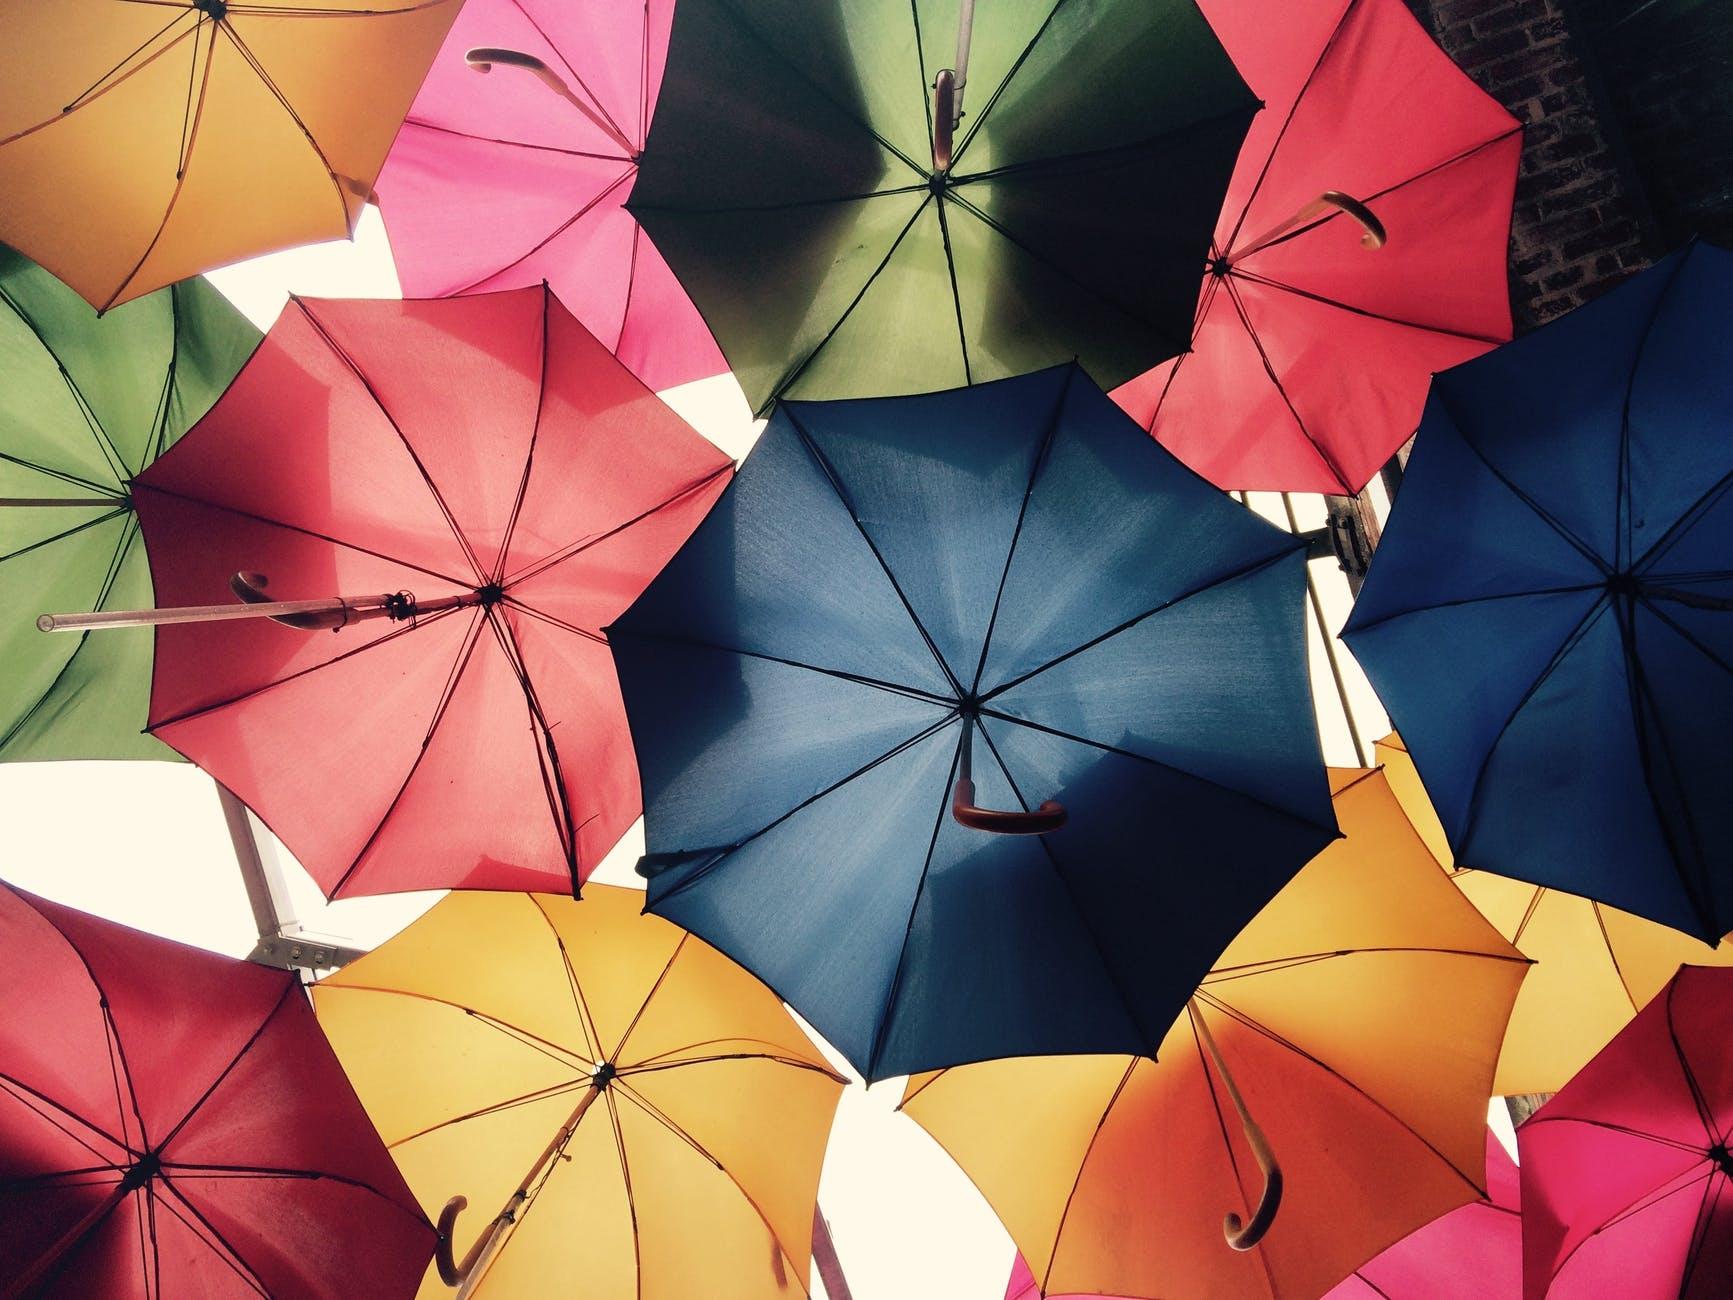 ¿Quieres saber cómo se agrupan las distintas aseguradoras? Desglosamos a qué grupo pertenece cada aseguradora, cuáles están vinculadas a una entidad financiera y cuáles son independientes.